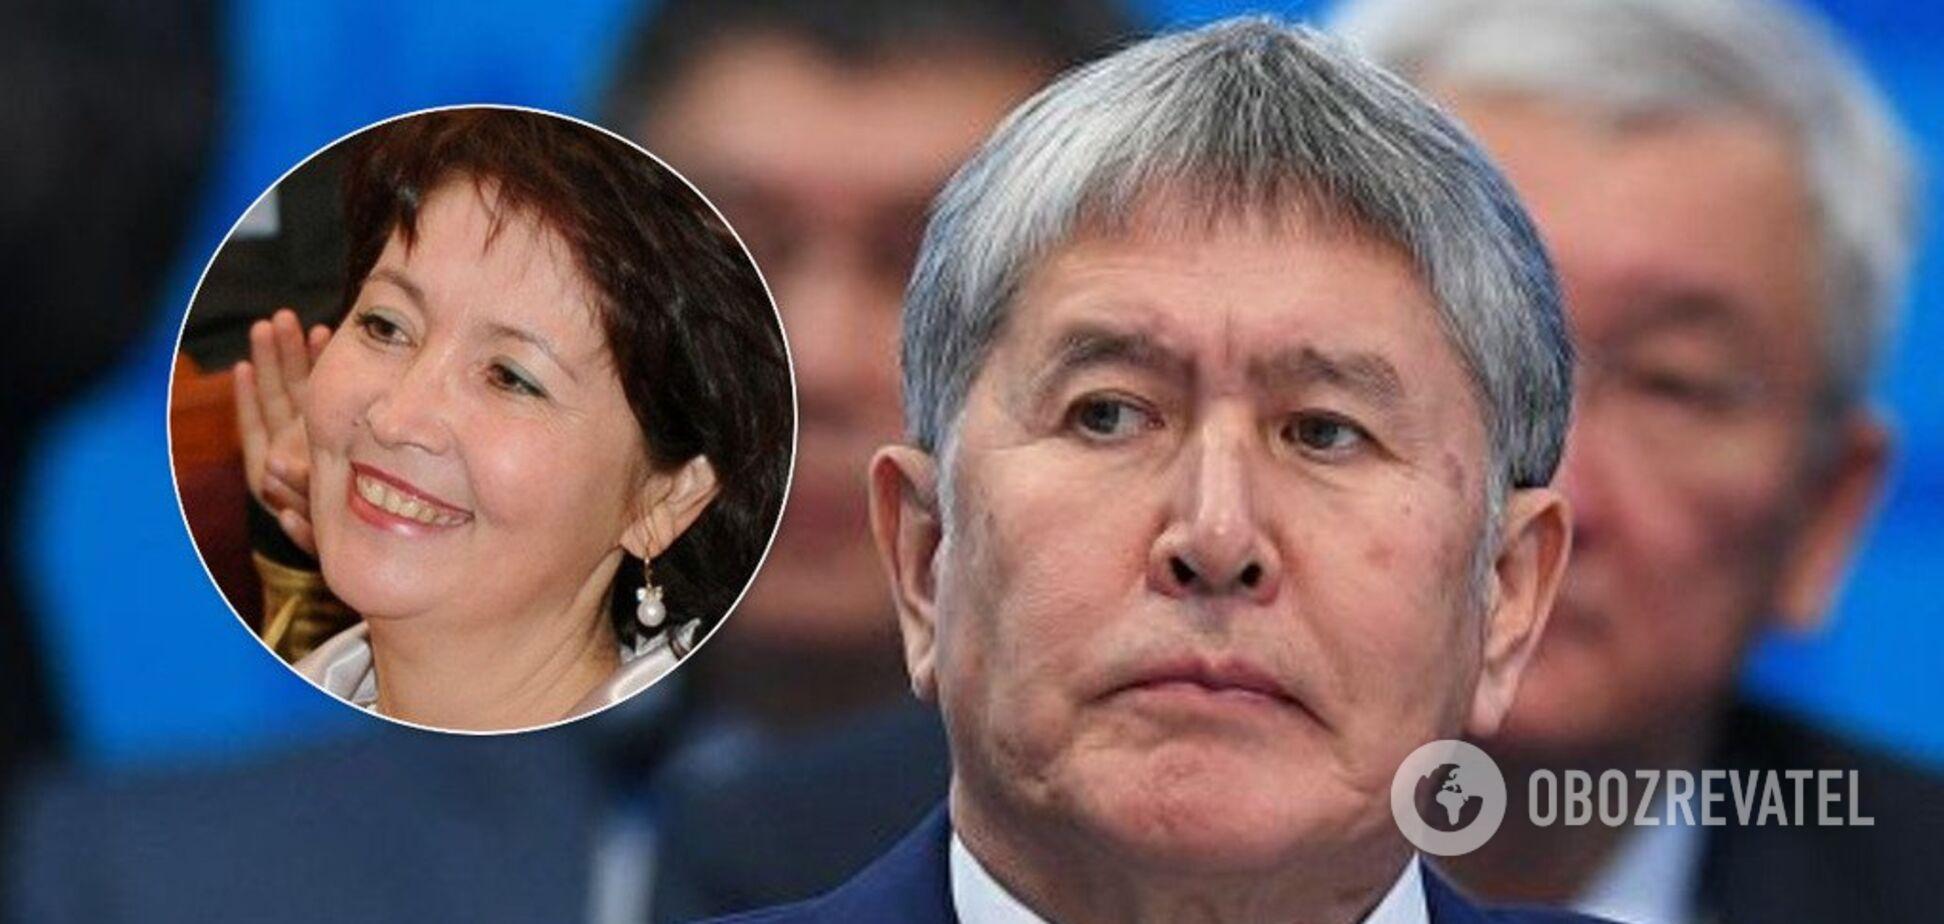 Экс-президента Кыргызстана Атамбаева оставили под арестом